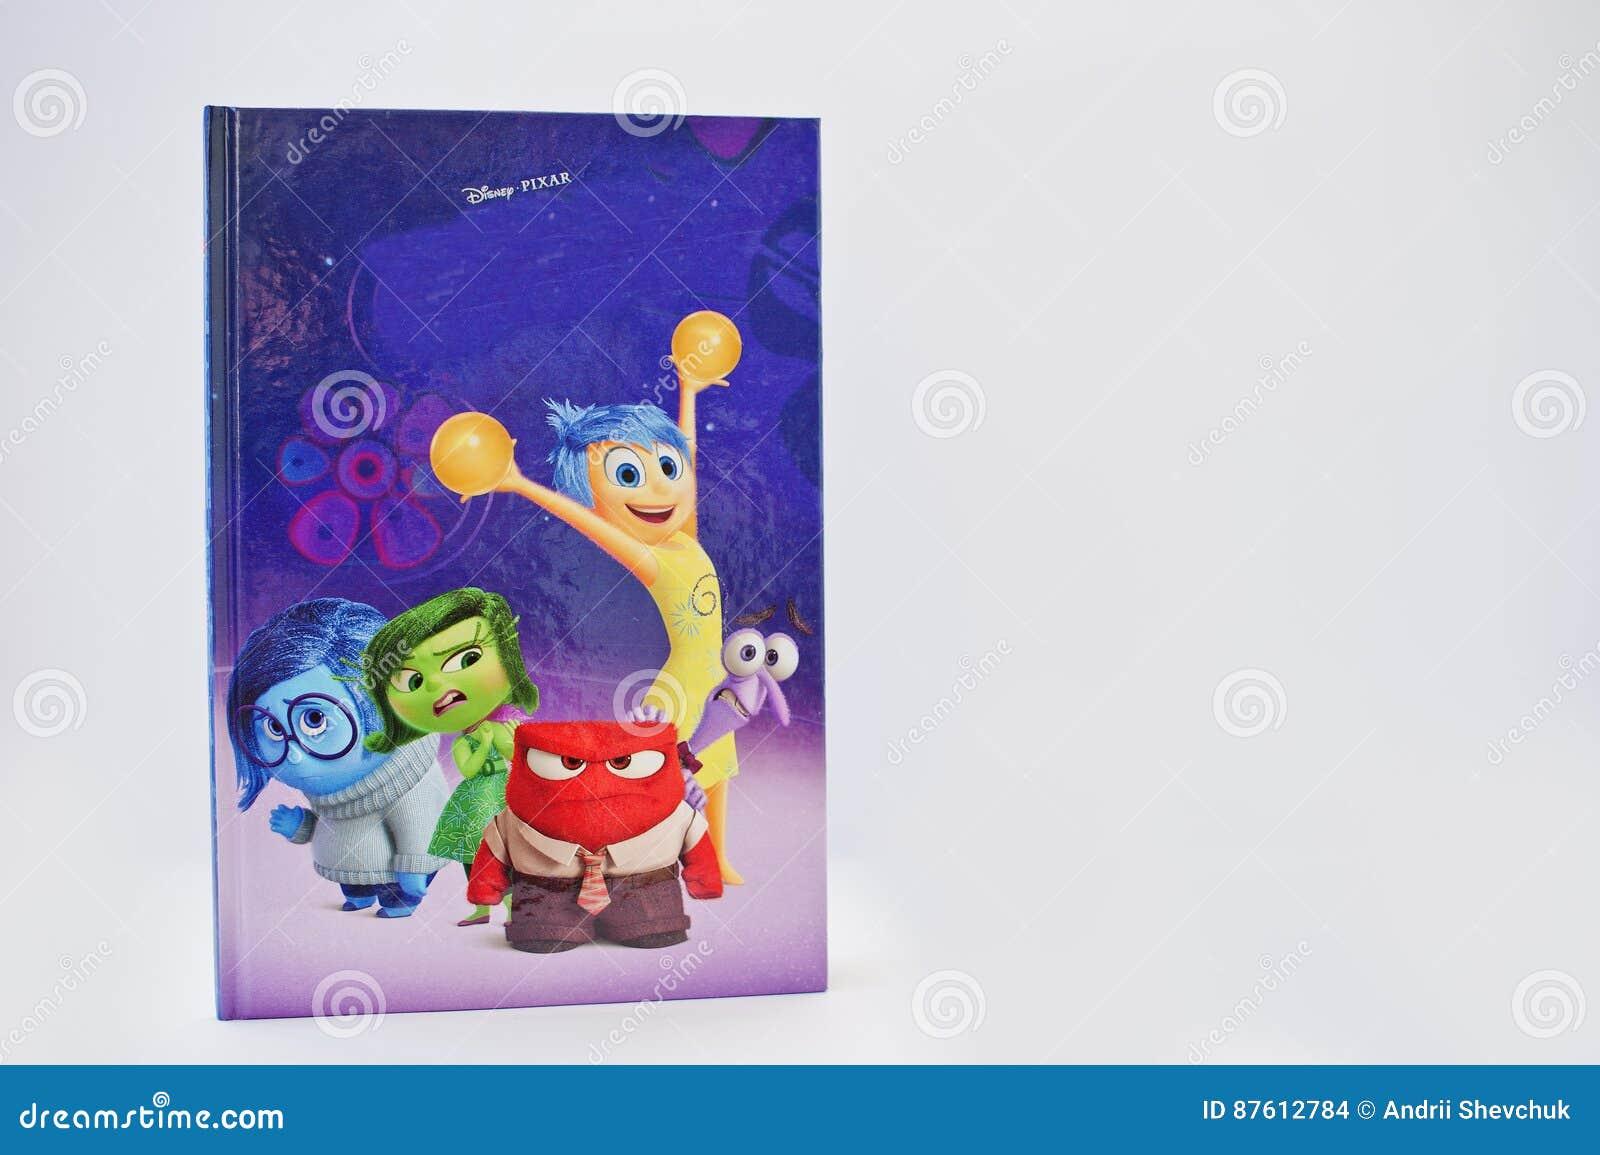 Hai, Ucrânia - 28 de fevereiro de 2017: Desenhos animados animados de Disney Pixar